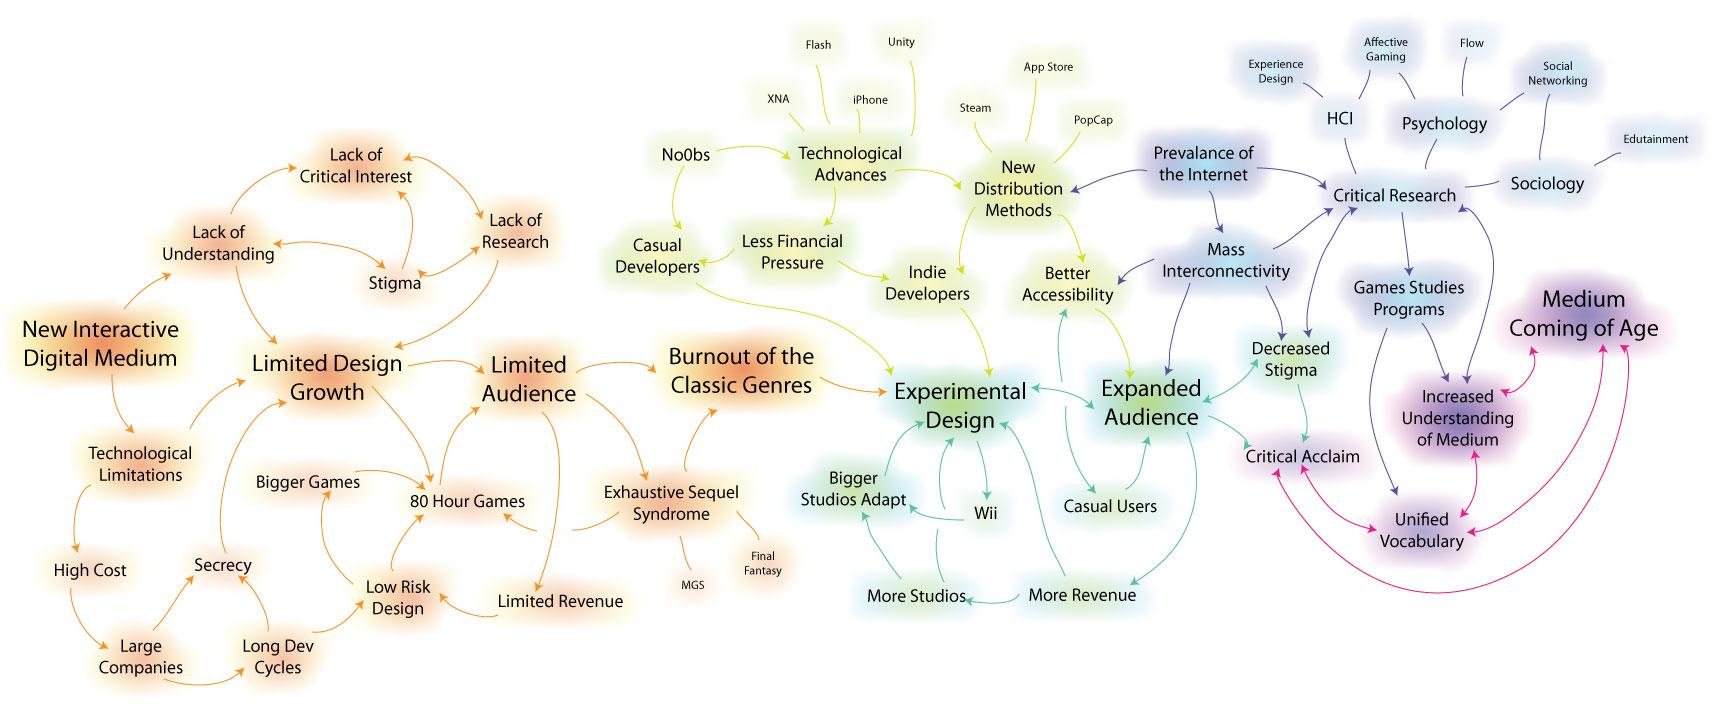 Chelsea_Howe_Games_Evolution_Diagram.jpg